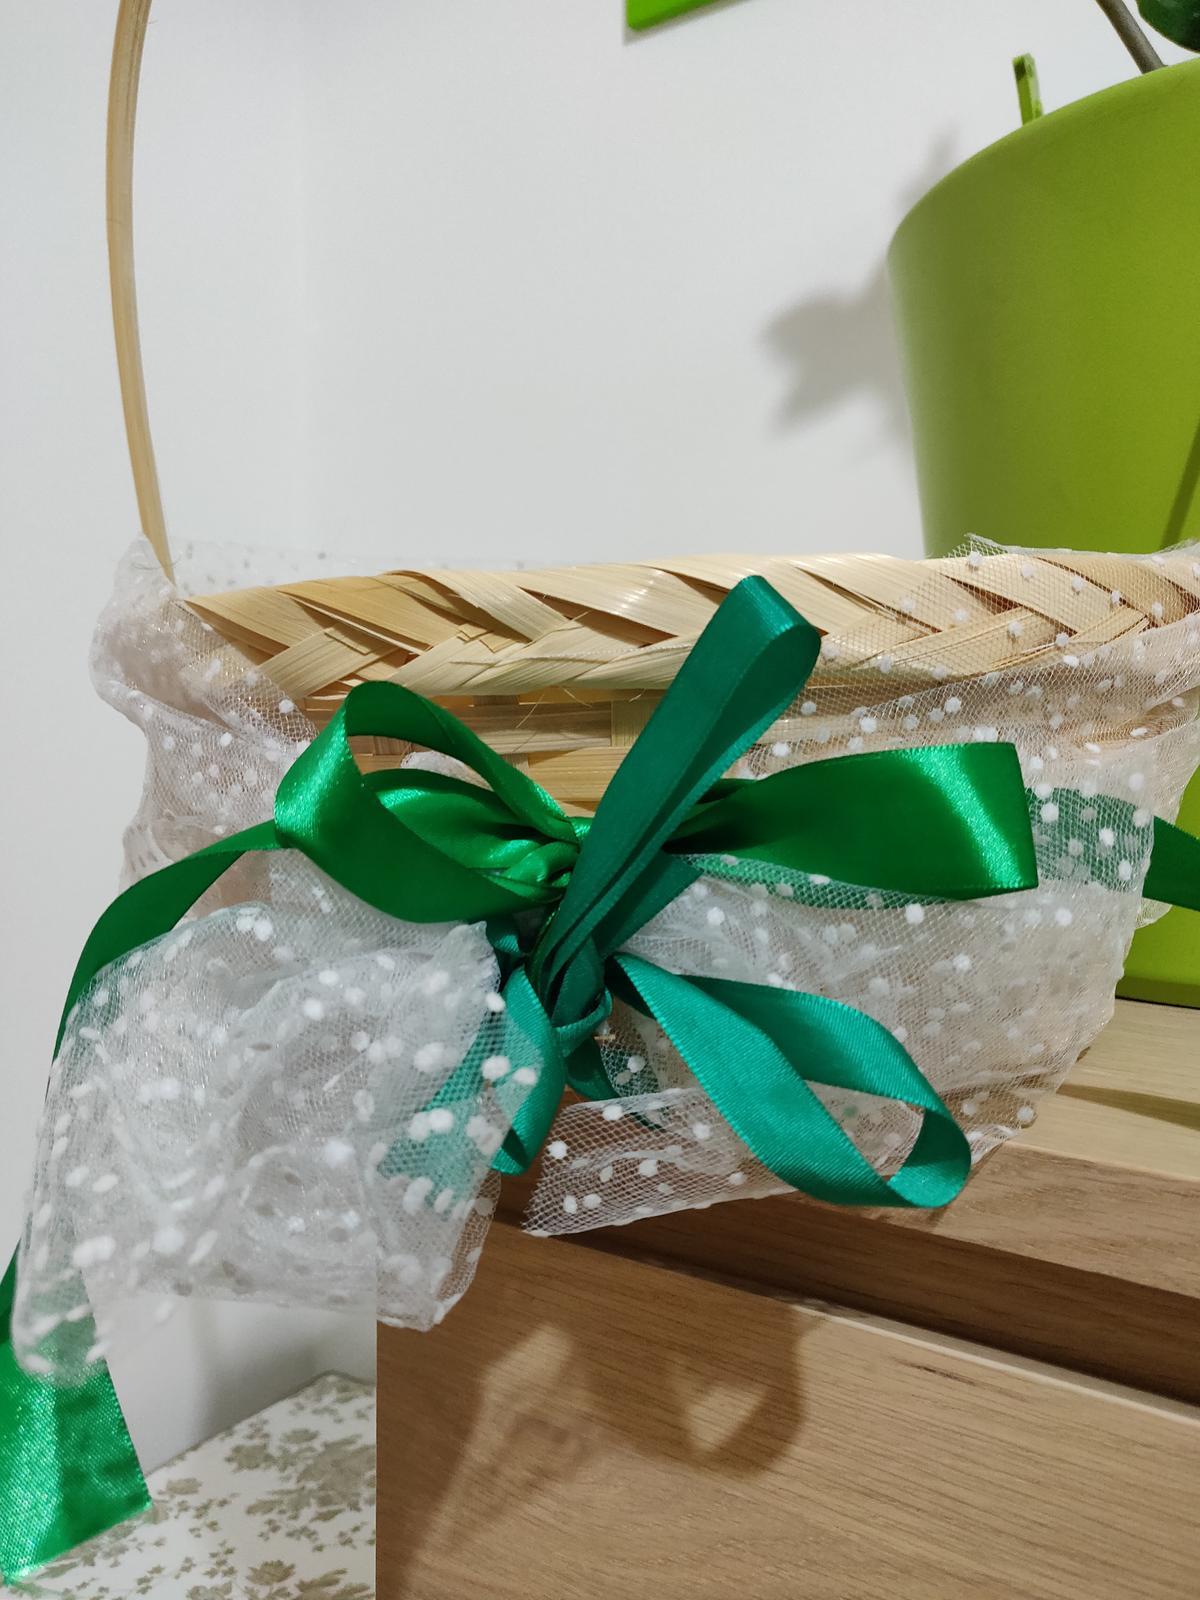 Kosicek na konfeti - skvele pro male druzicky - Obrázek č. 2